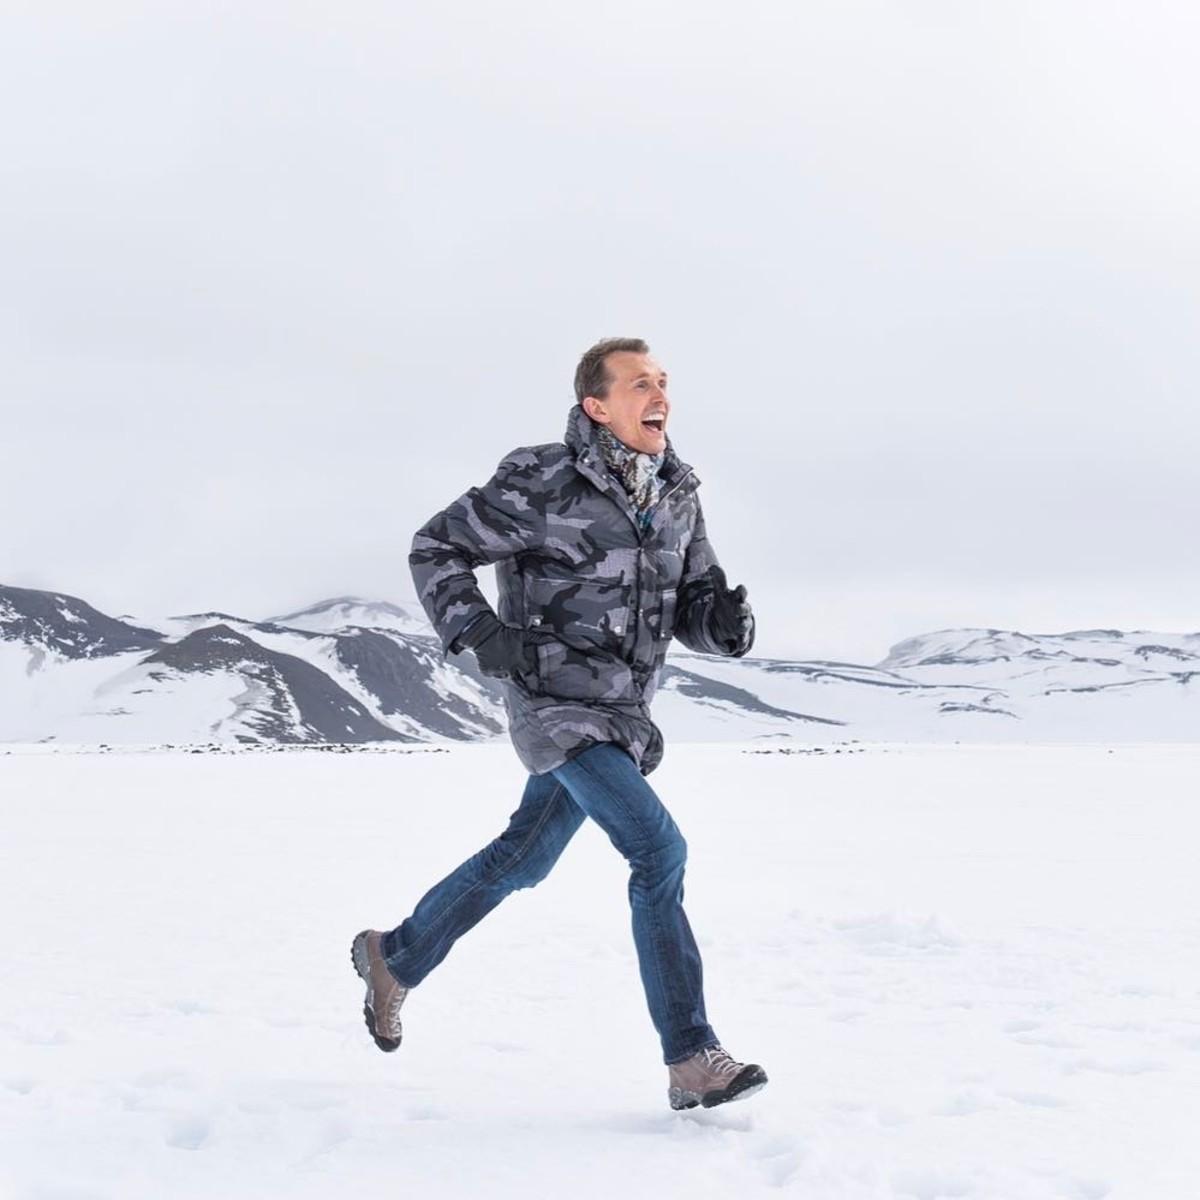 Henriksen during a trip to Iceland. Photo: @olehenriksen/Instagram